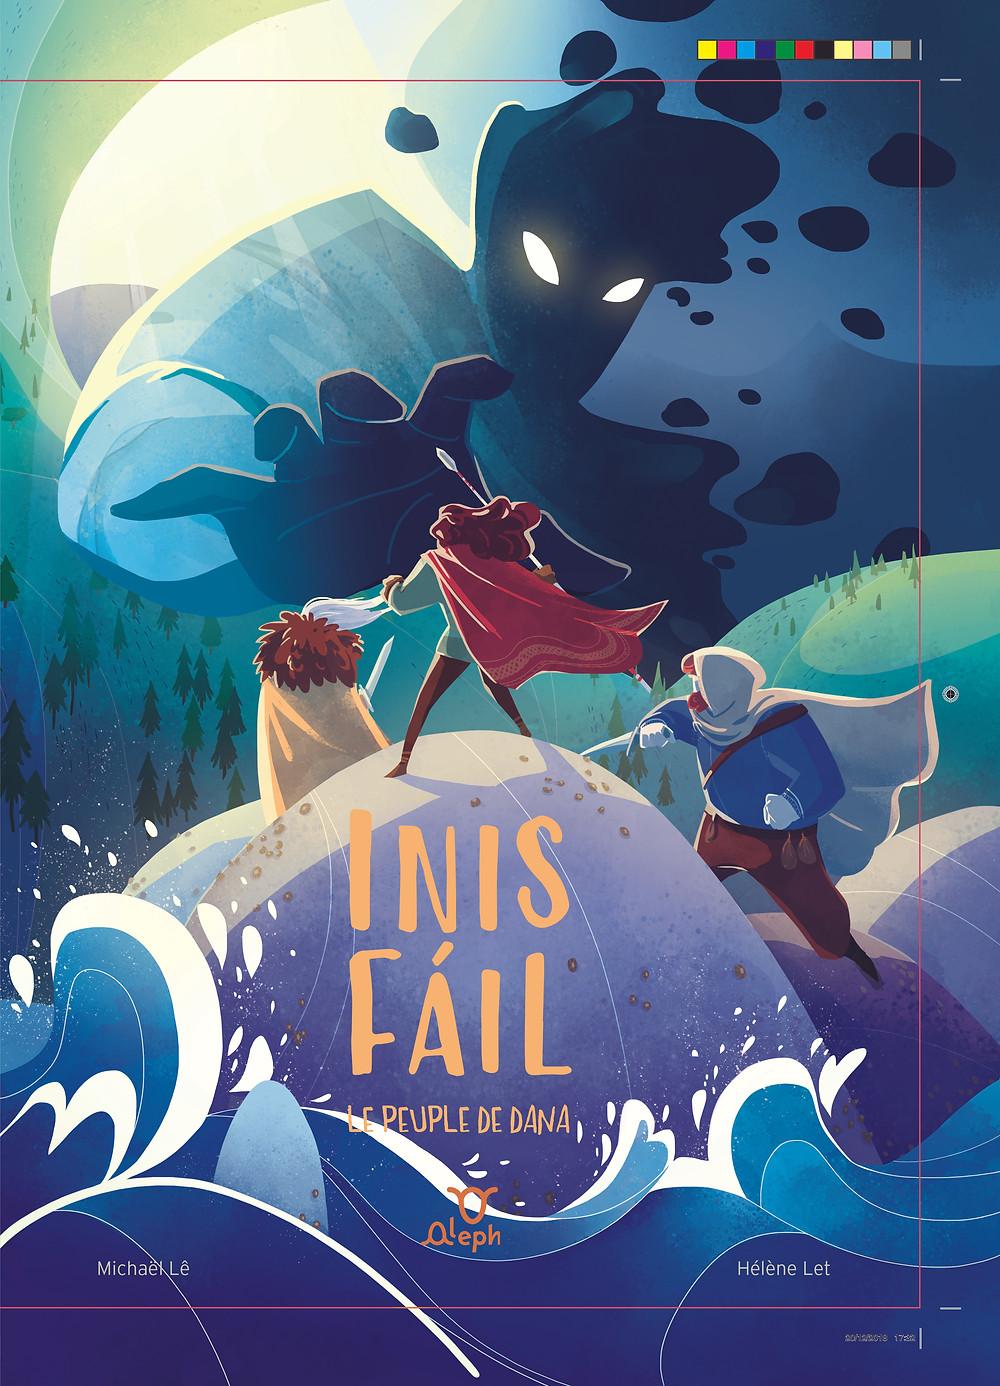 Livre jeunesse Inis Fail- Aleph édition, michael Le, Helene Let